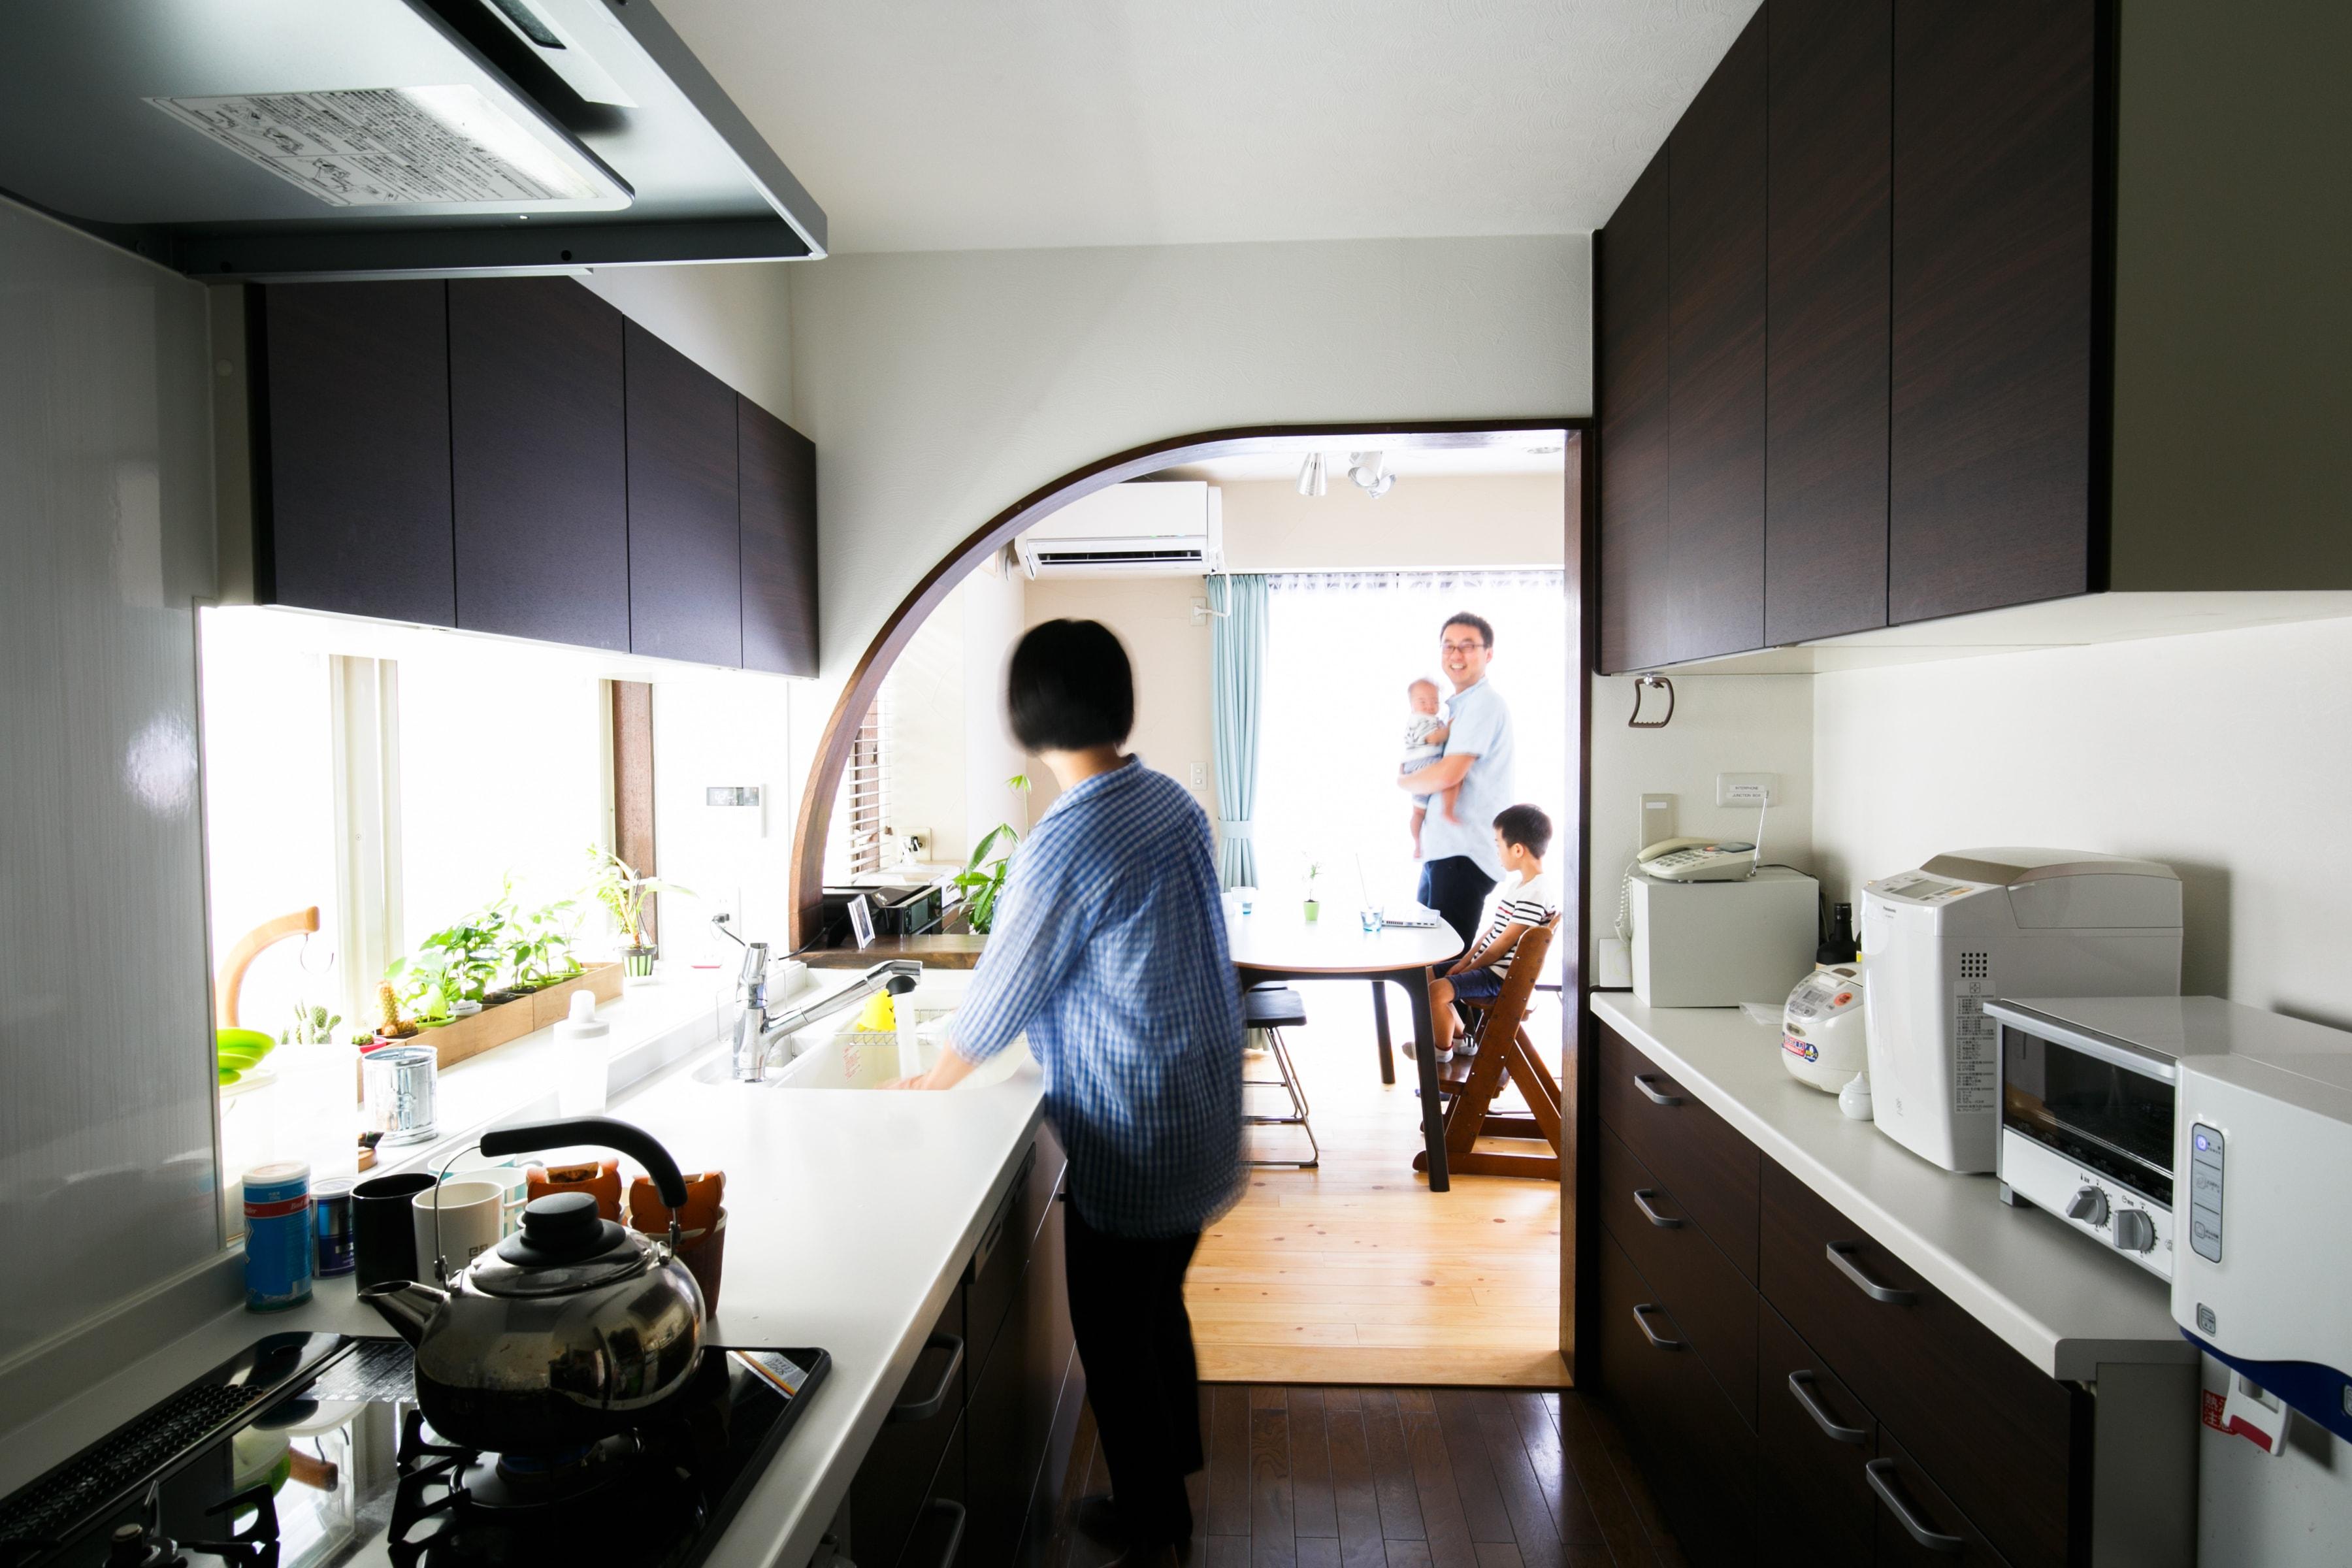 故郷の空気に包まれる安らぎの家 | こだわりの自然素材・天然素材の注文住宅・リフォームの駿河屋